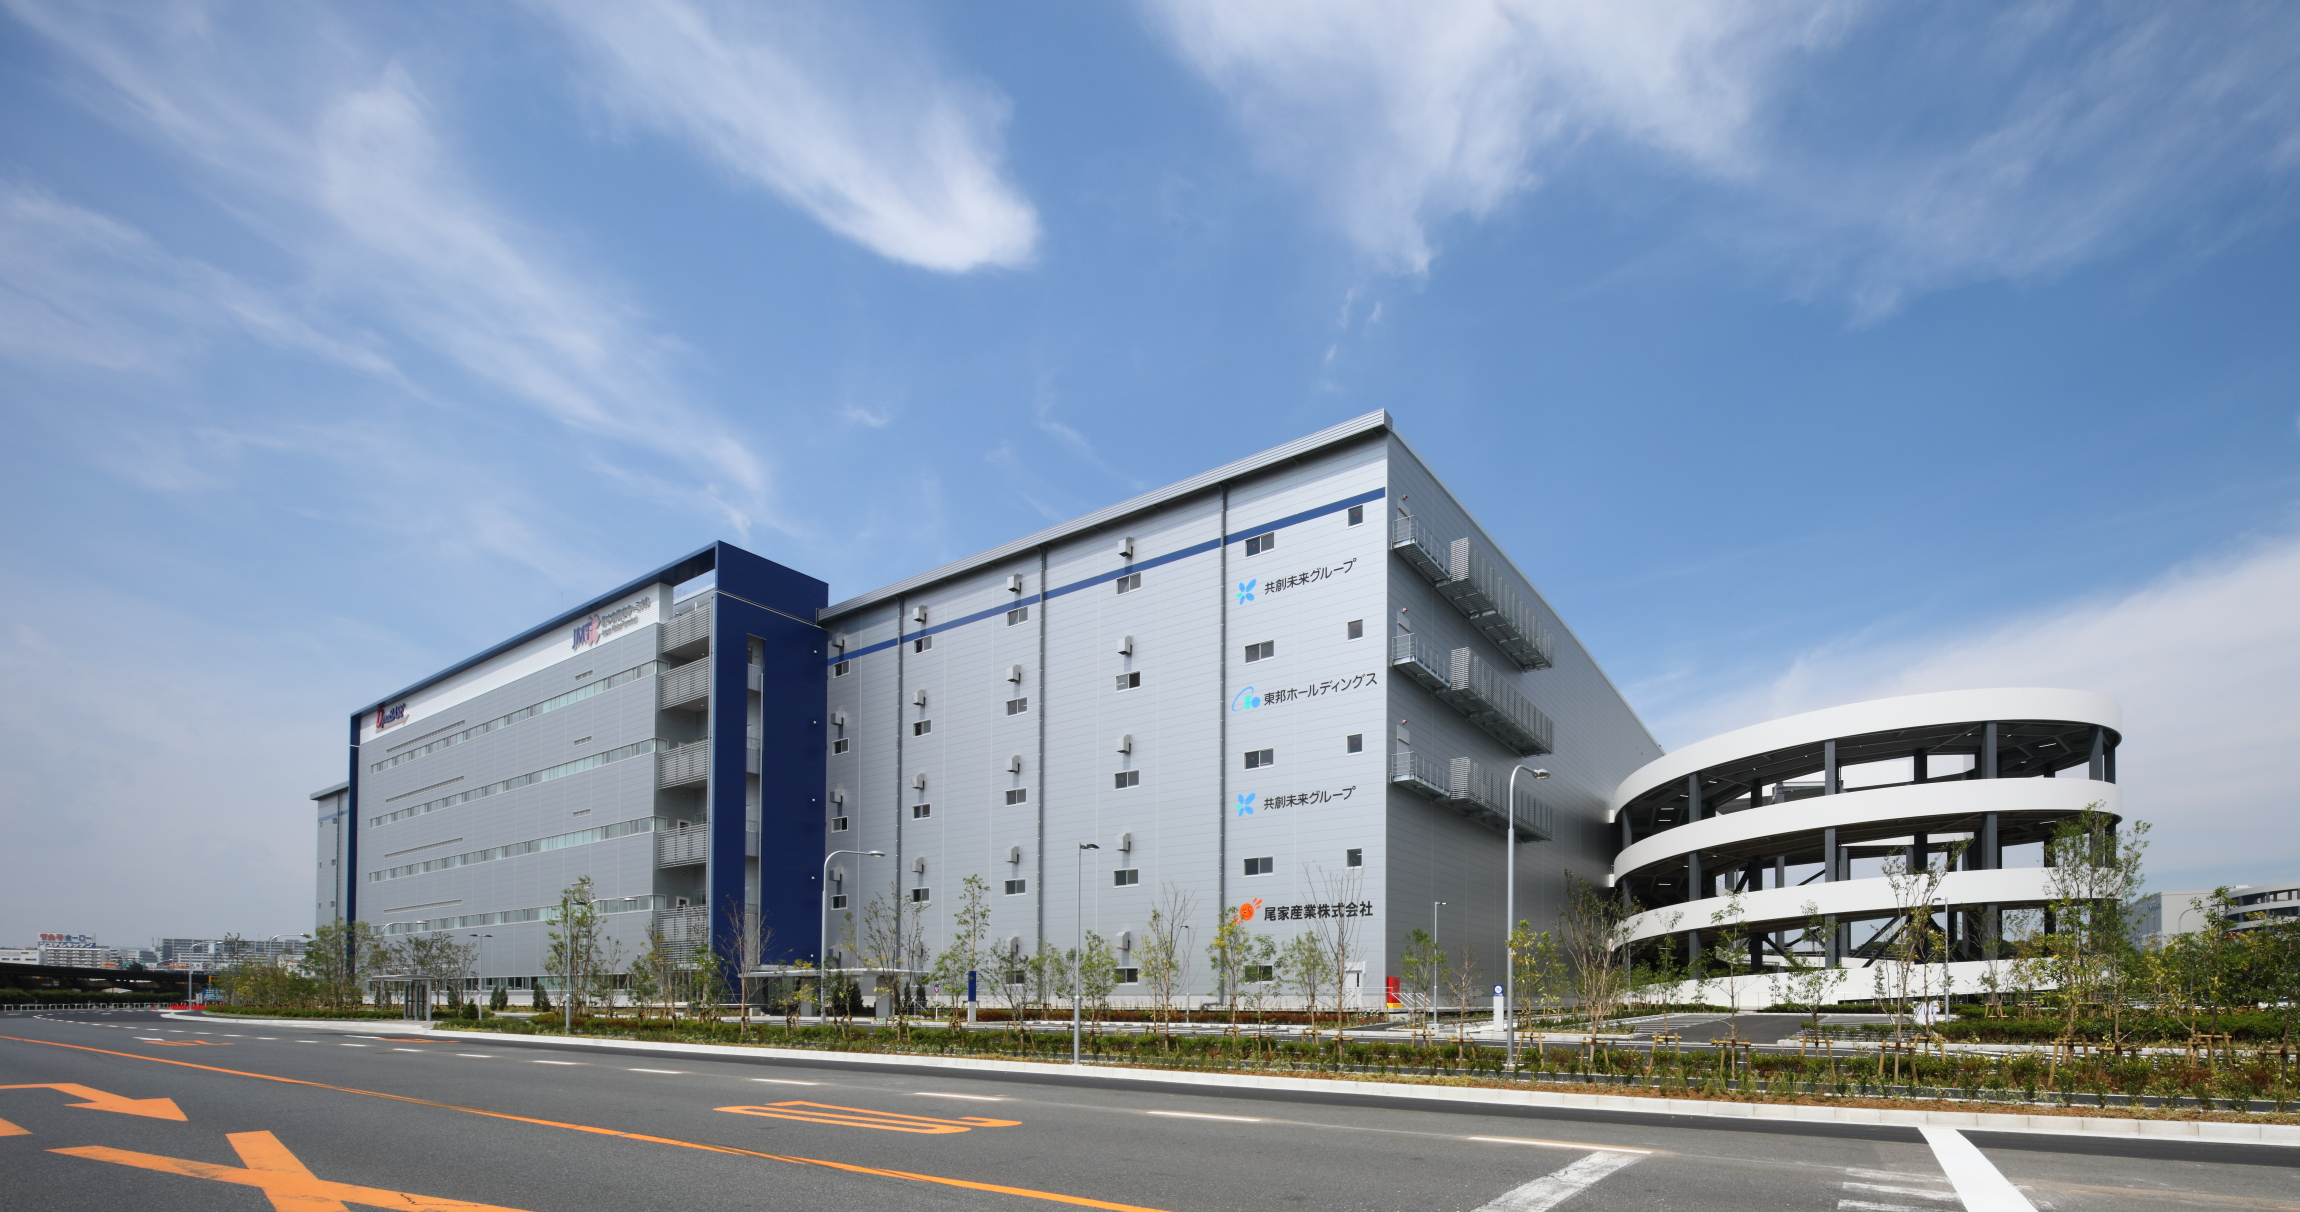 京浜トラックターミナル ダイナベース